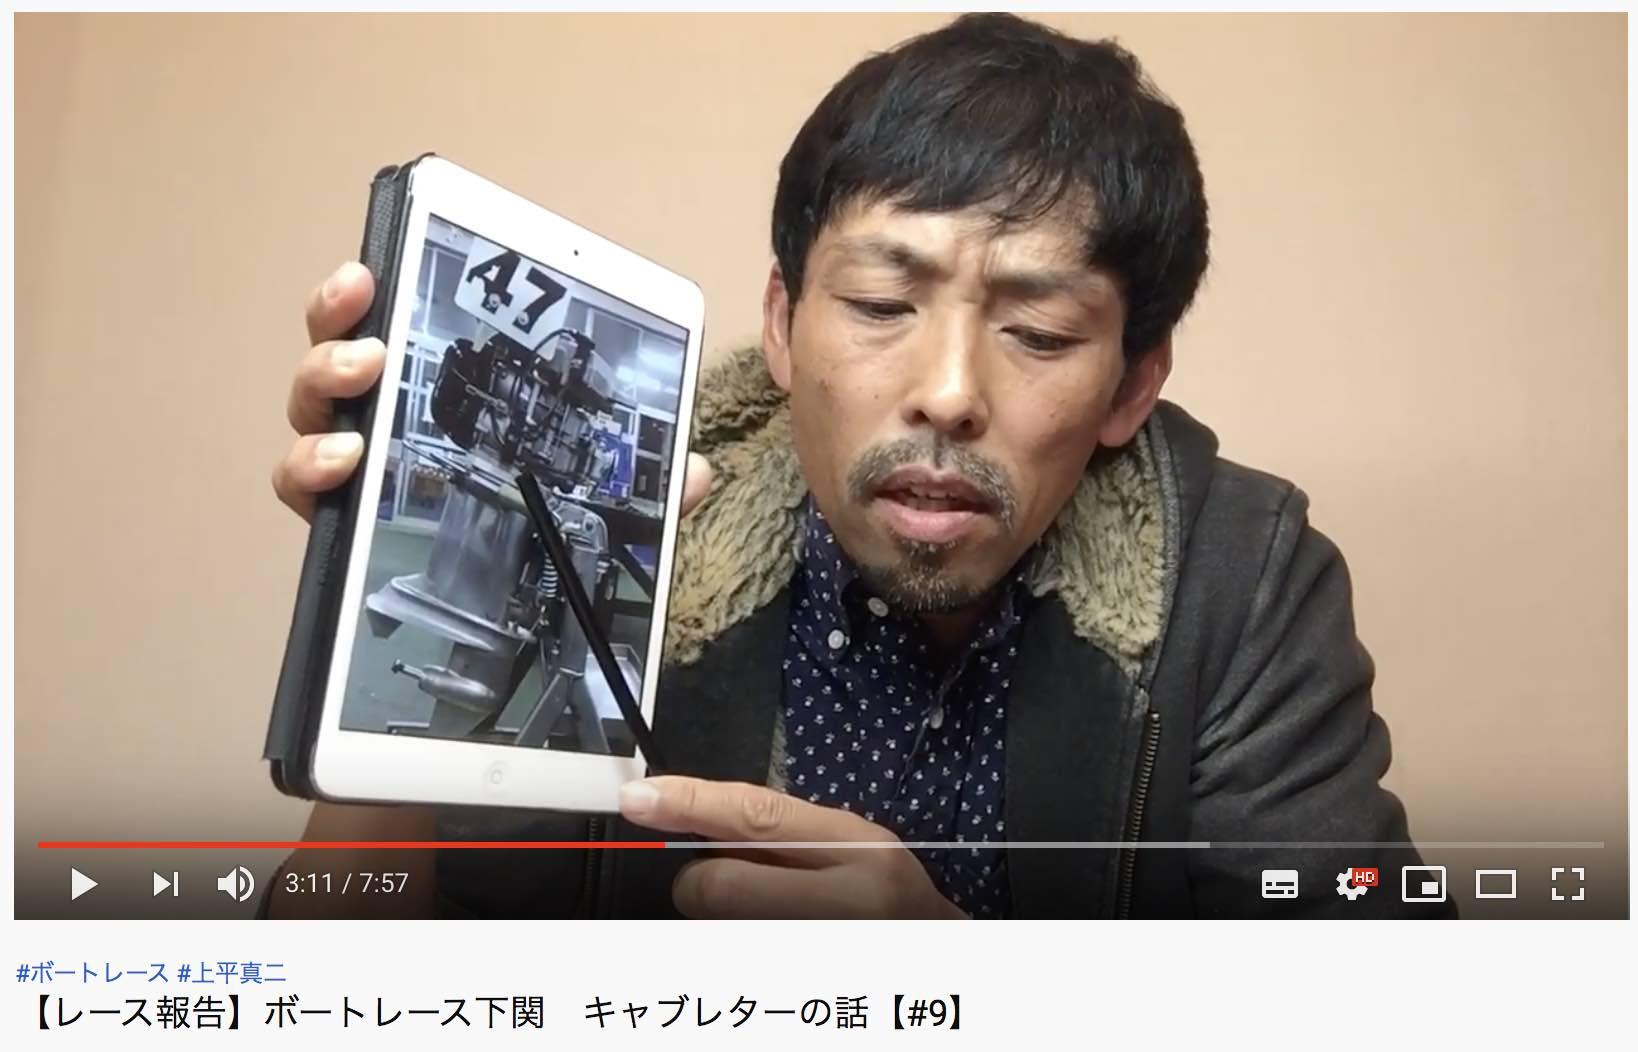 ボートレーサー上平真二のYouTube動画【第9回】